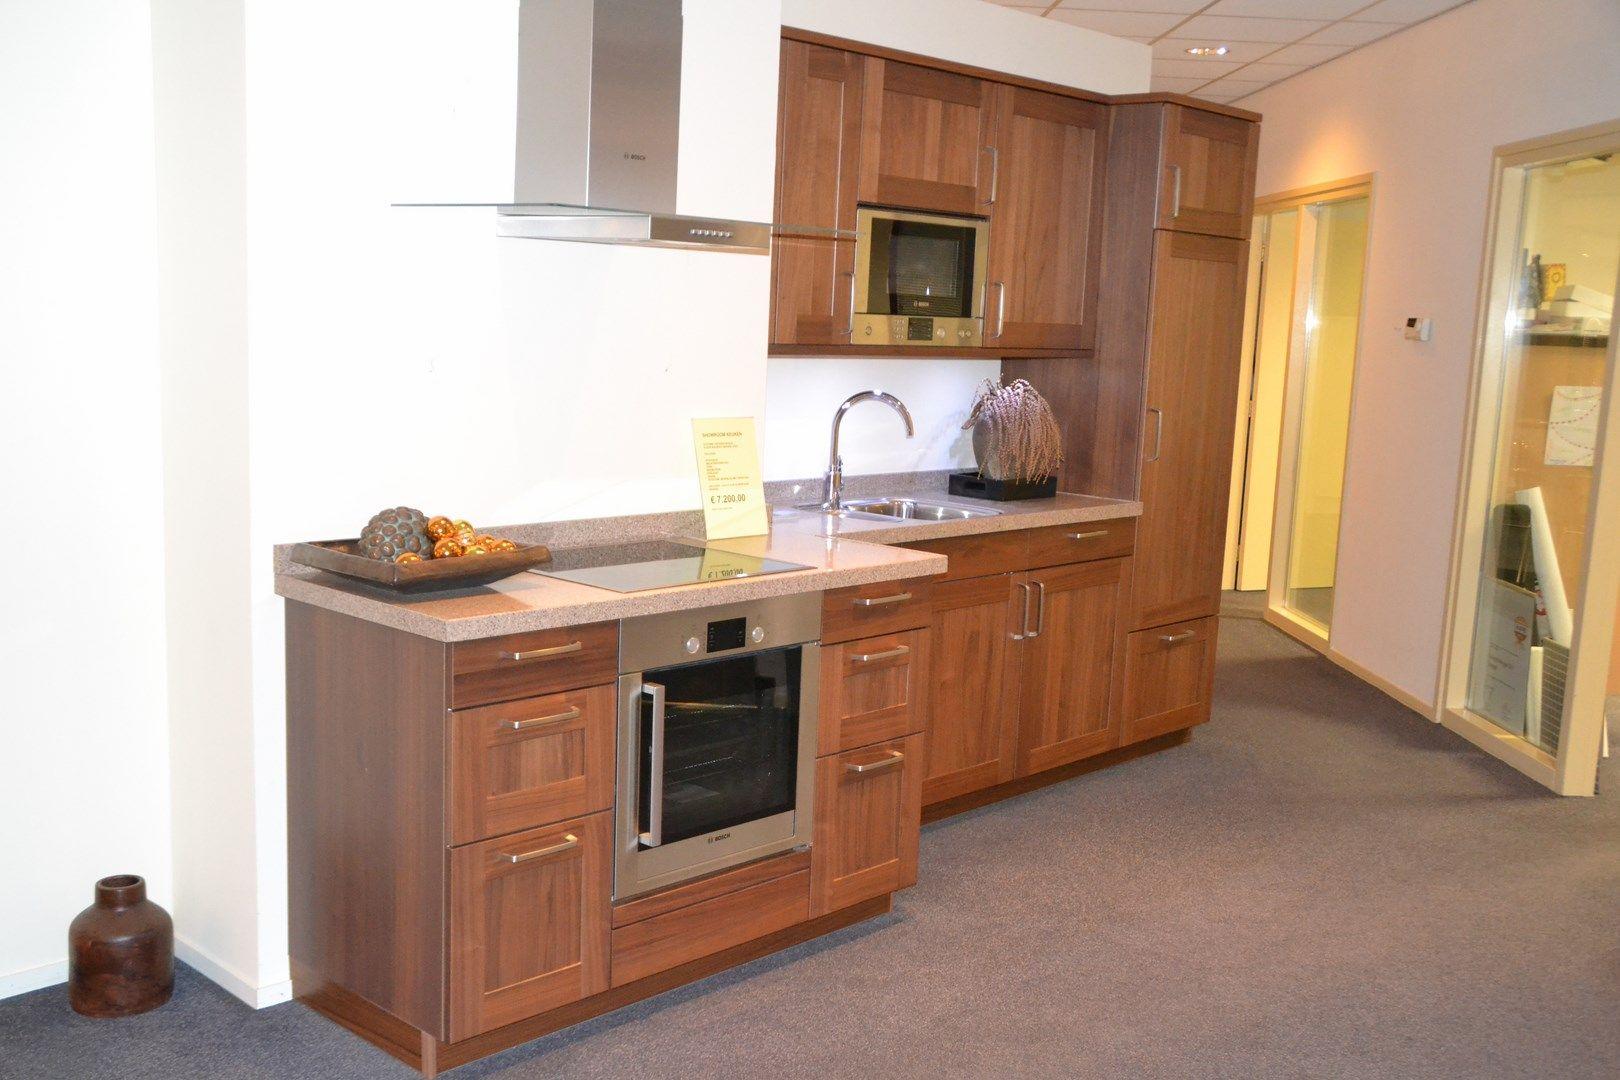 Keuken Recht 300 Cm : uit Nederland keukens voor zeer lage keuken prijzen AV 5010 [43473